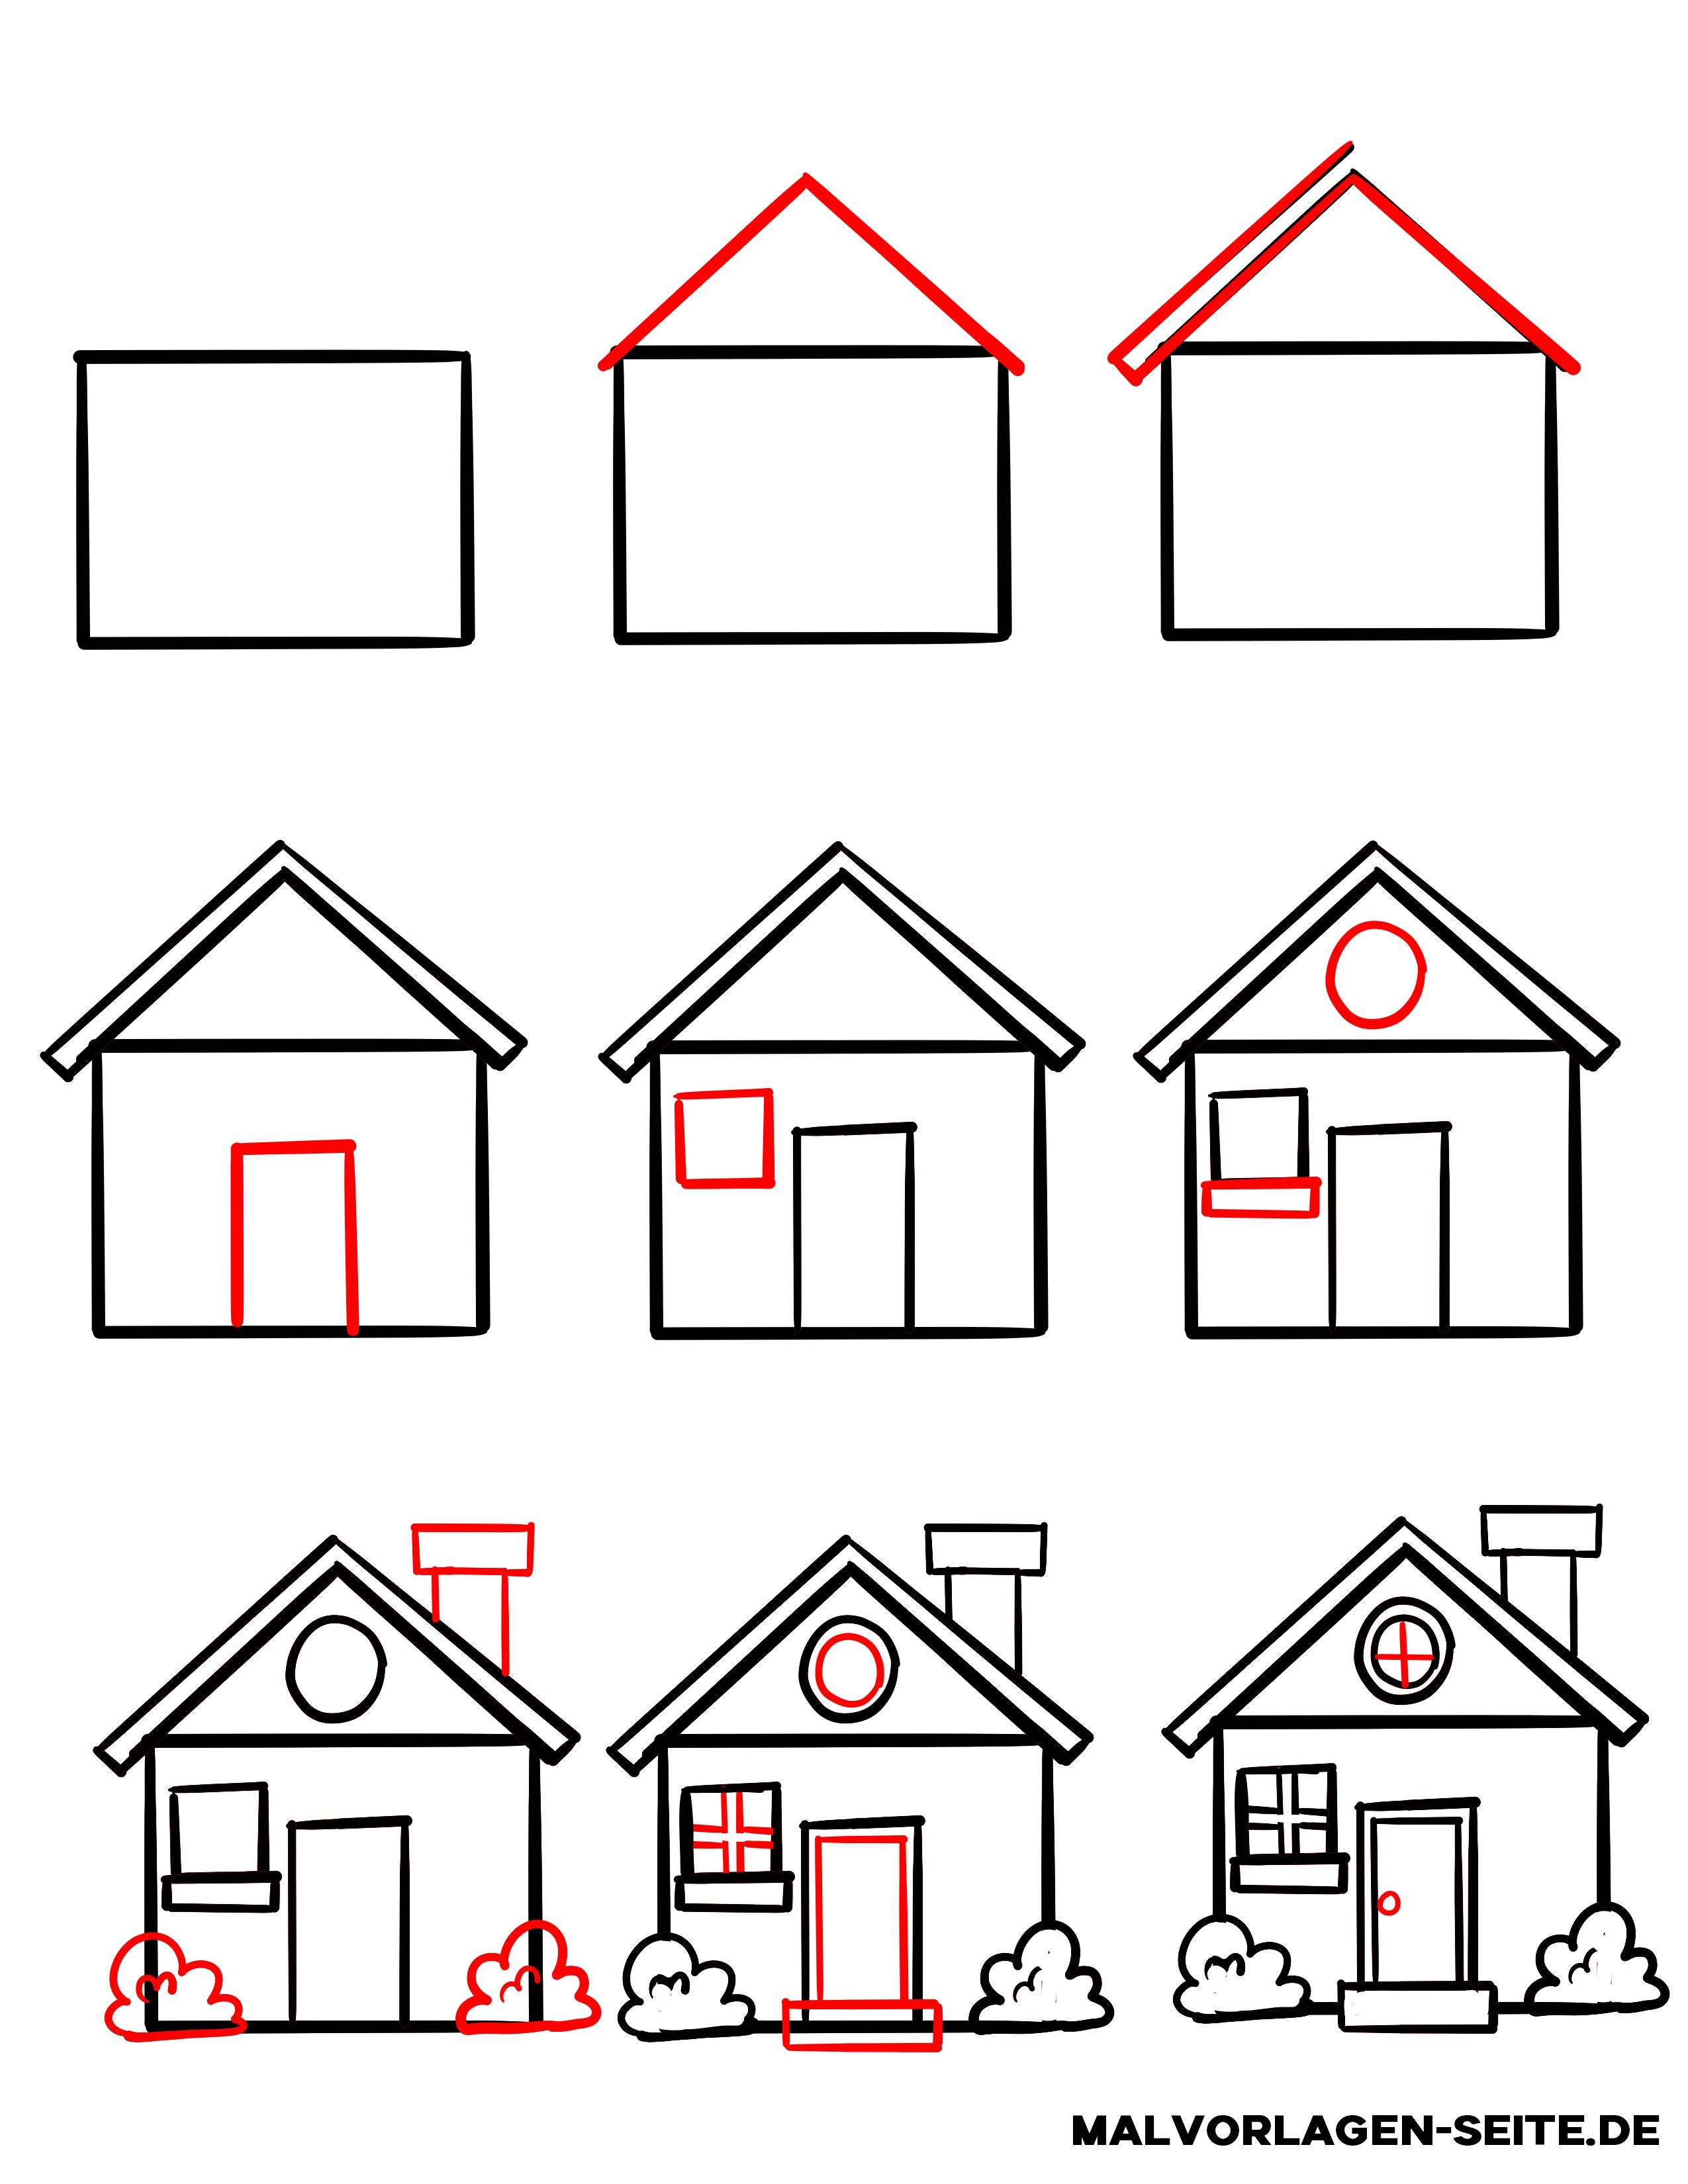 Wie zeichnet man ein Haus - Kostenlose Ausmalbilder